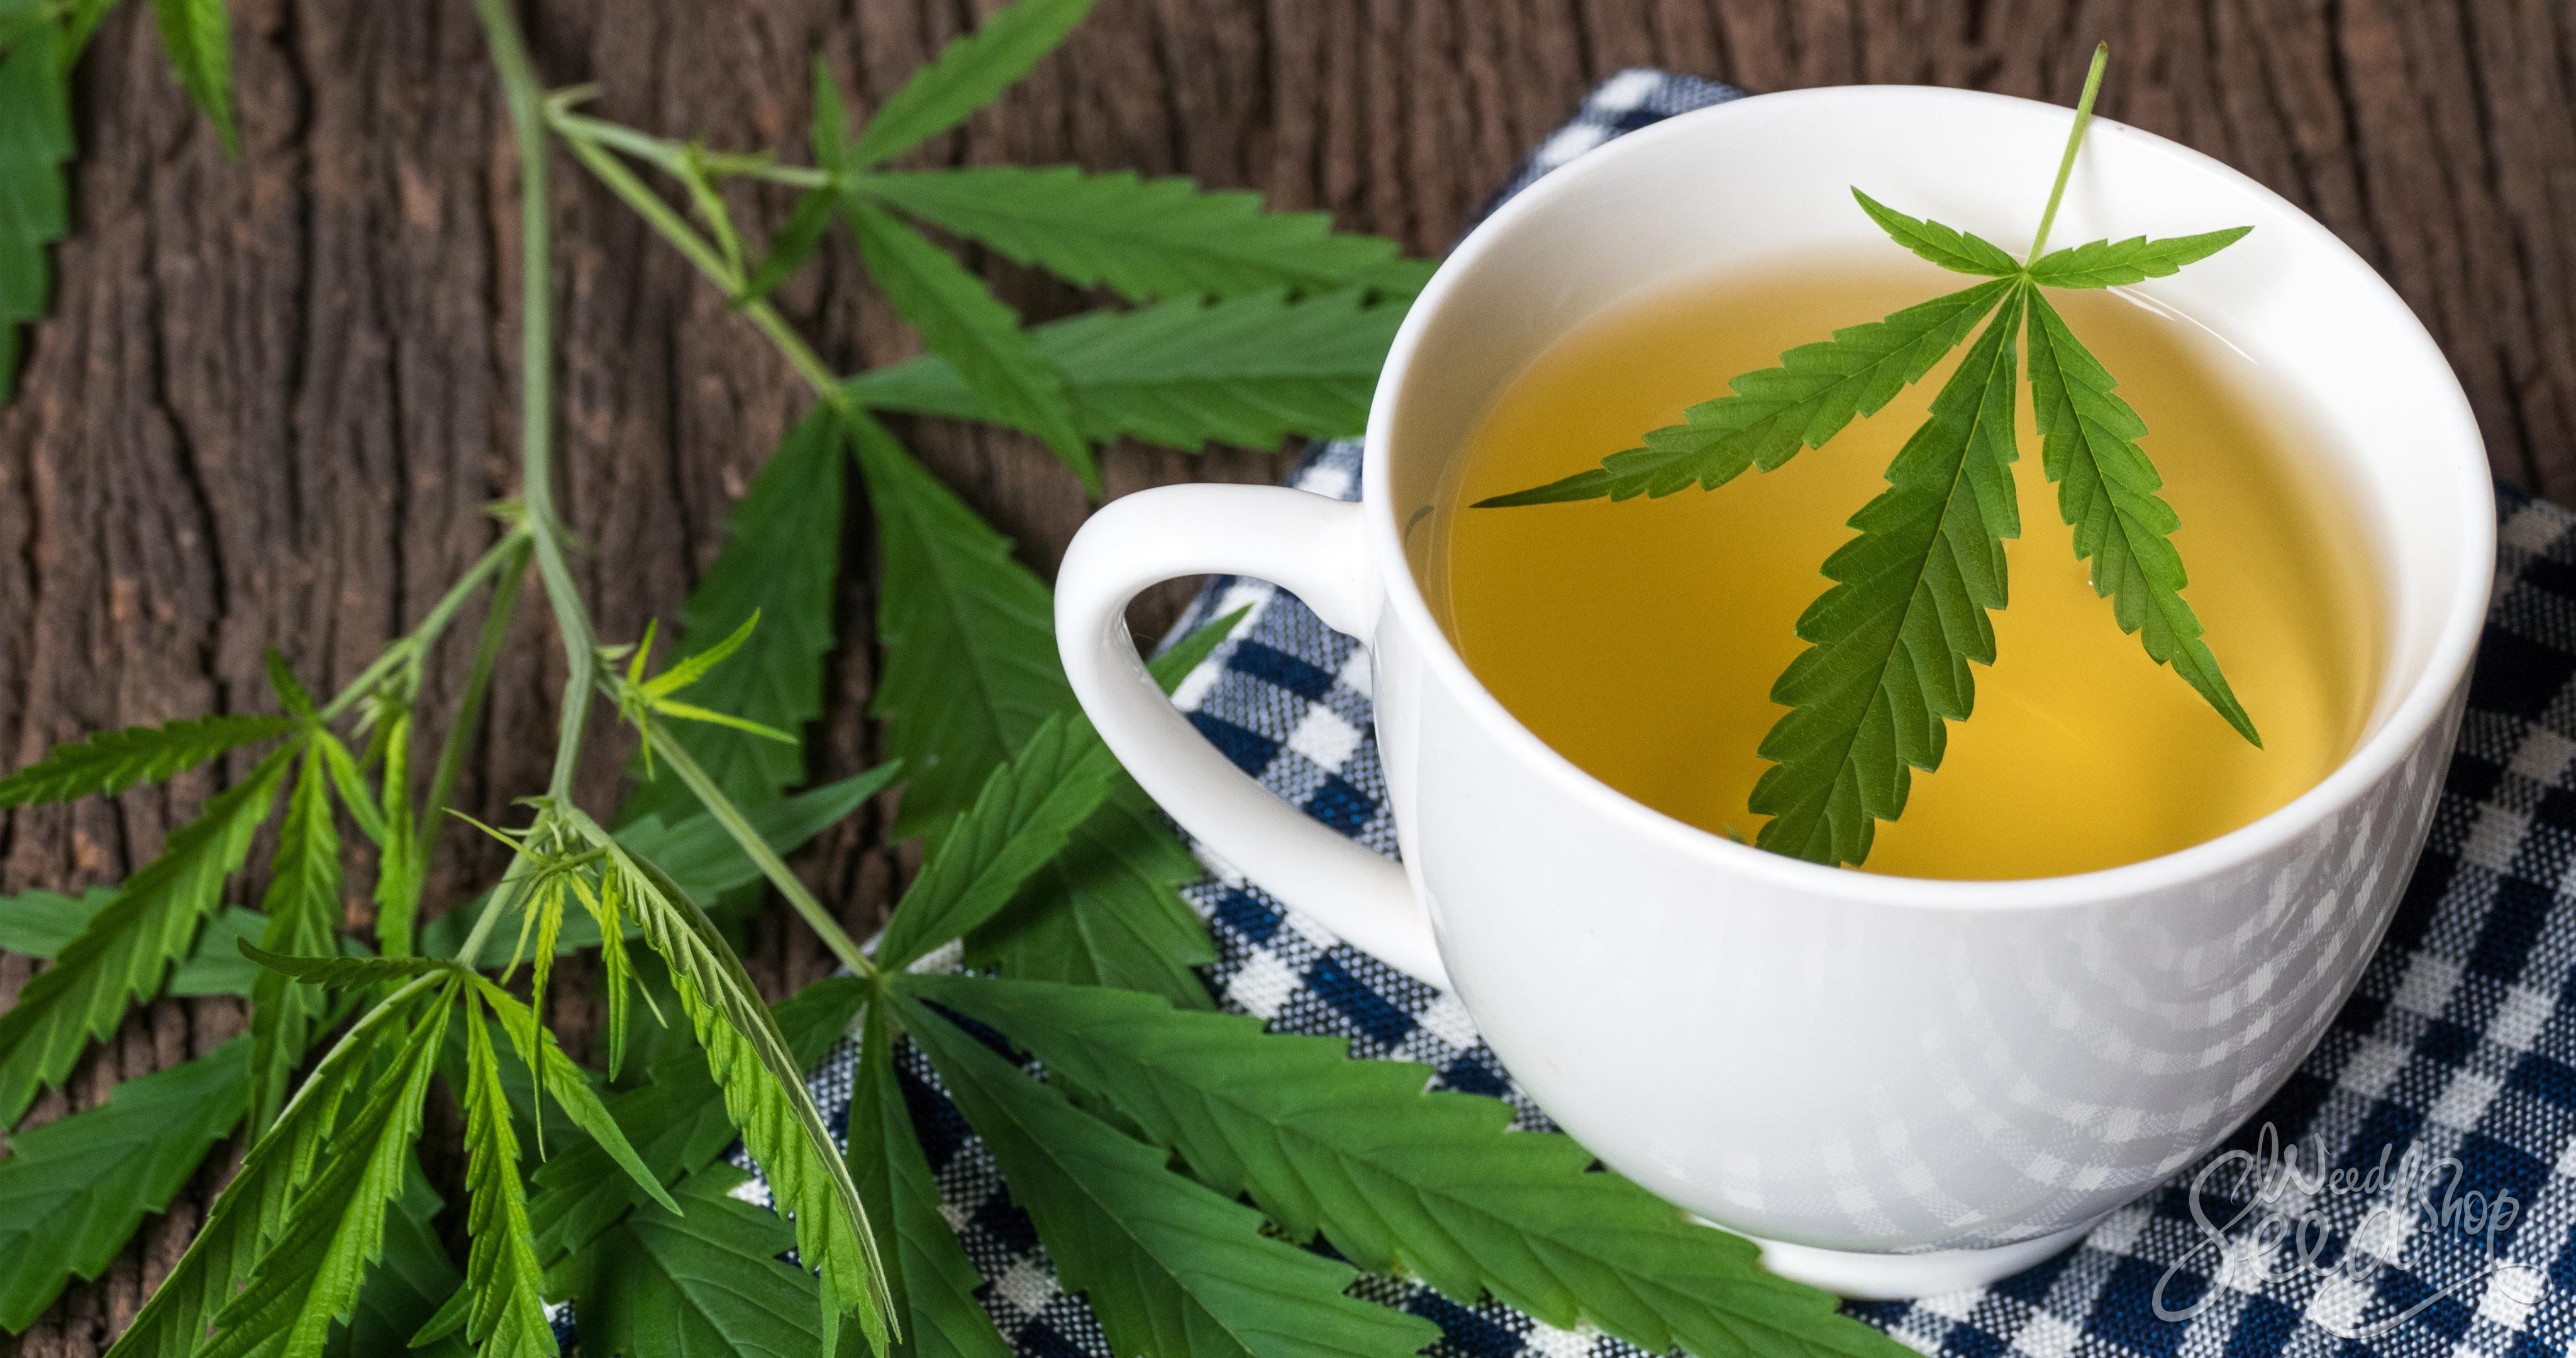 Чай с марихуаной амстердам семечки конопли seed